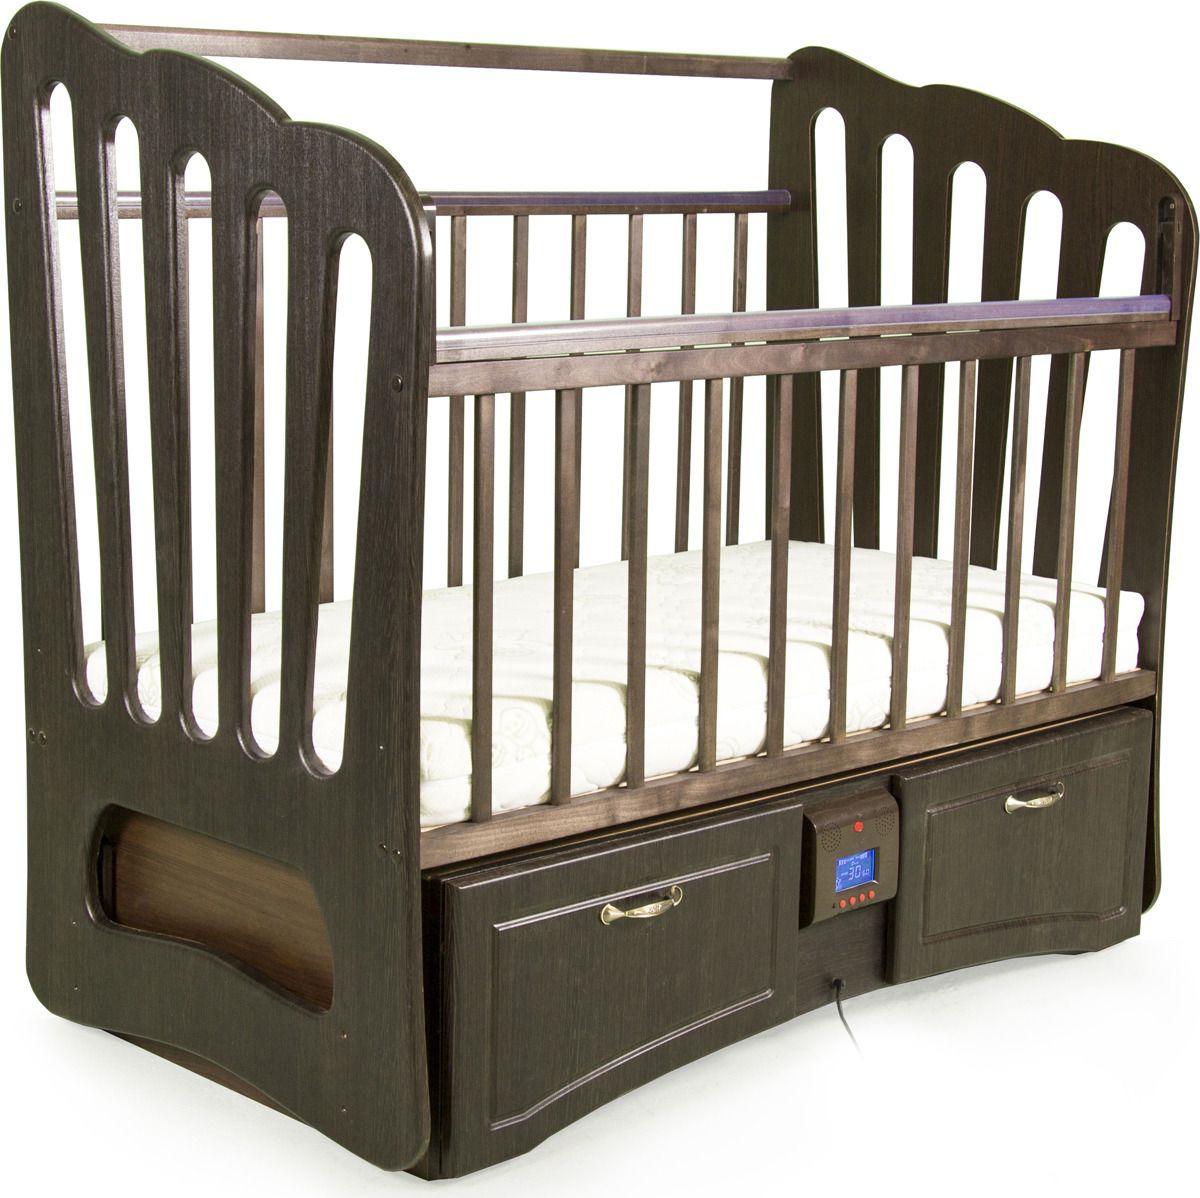 Кровать Daka Baby Укачай-ка 06. Валенсия, цвет: венге кроватка daka baby укачай ка 02 цвет венге